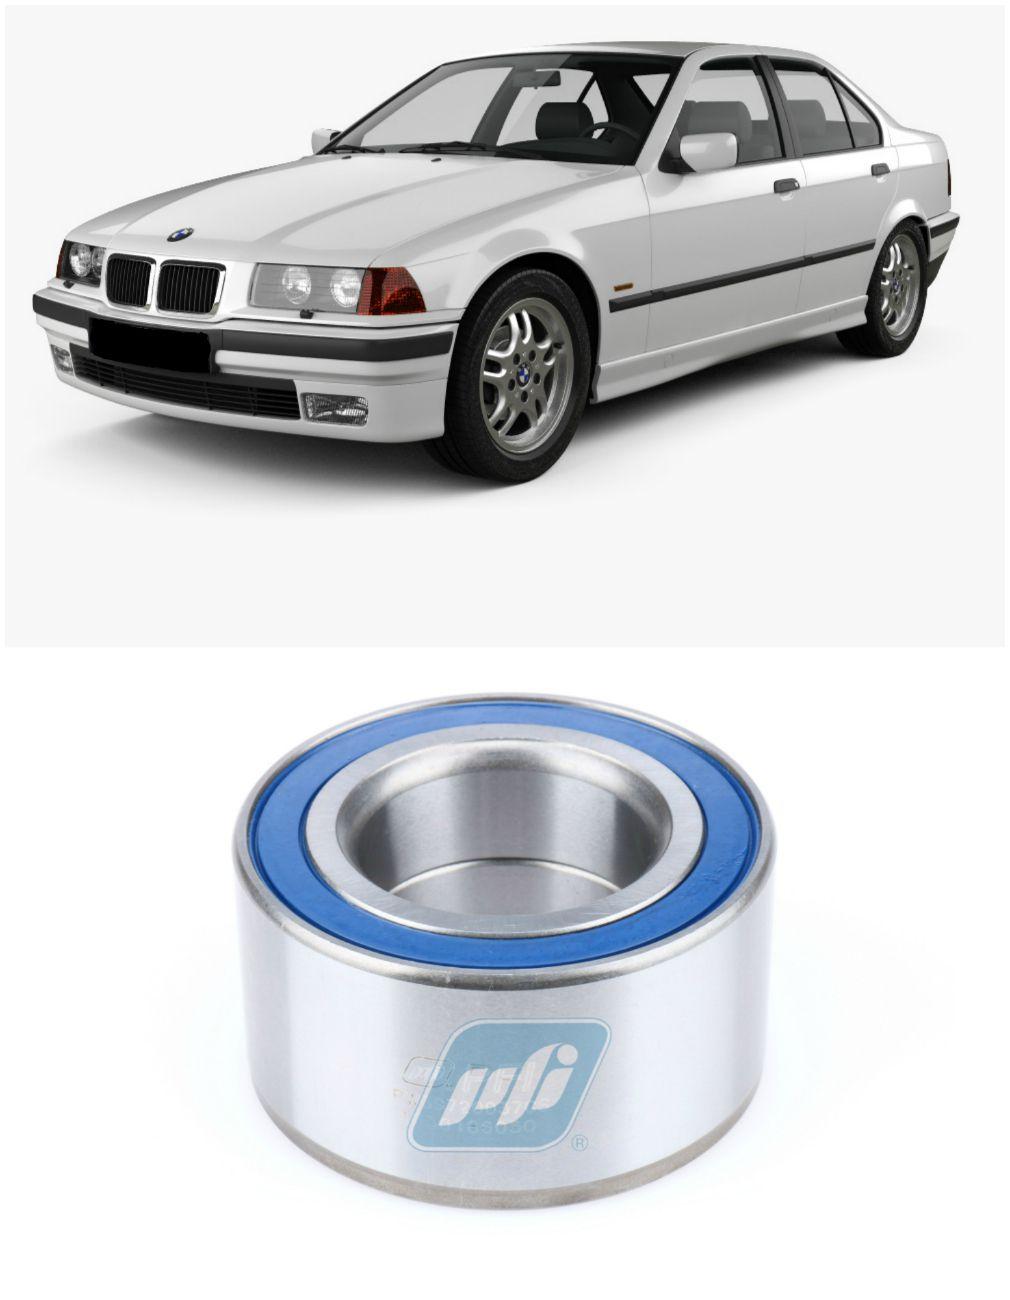 Rolamento de Roda Traseira BMW 320 1990 até 1998, freio tambor.